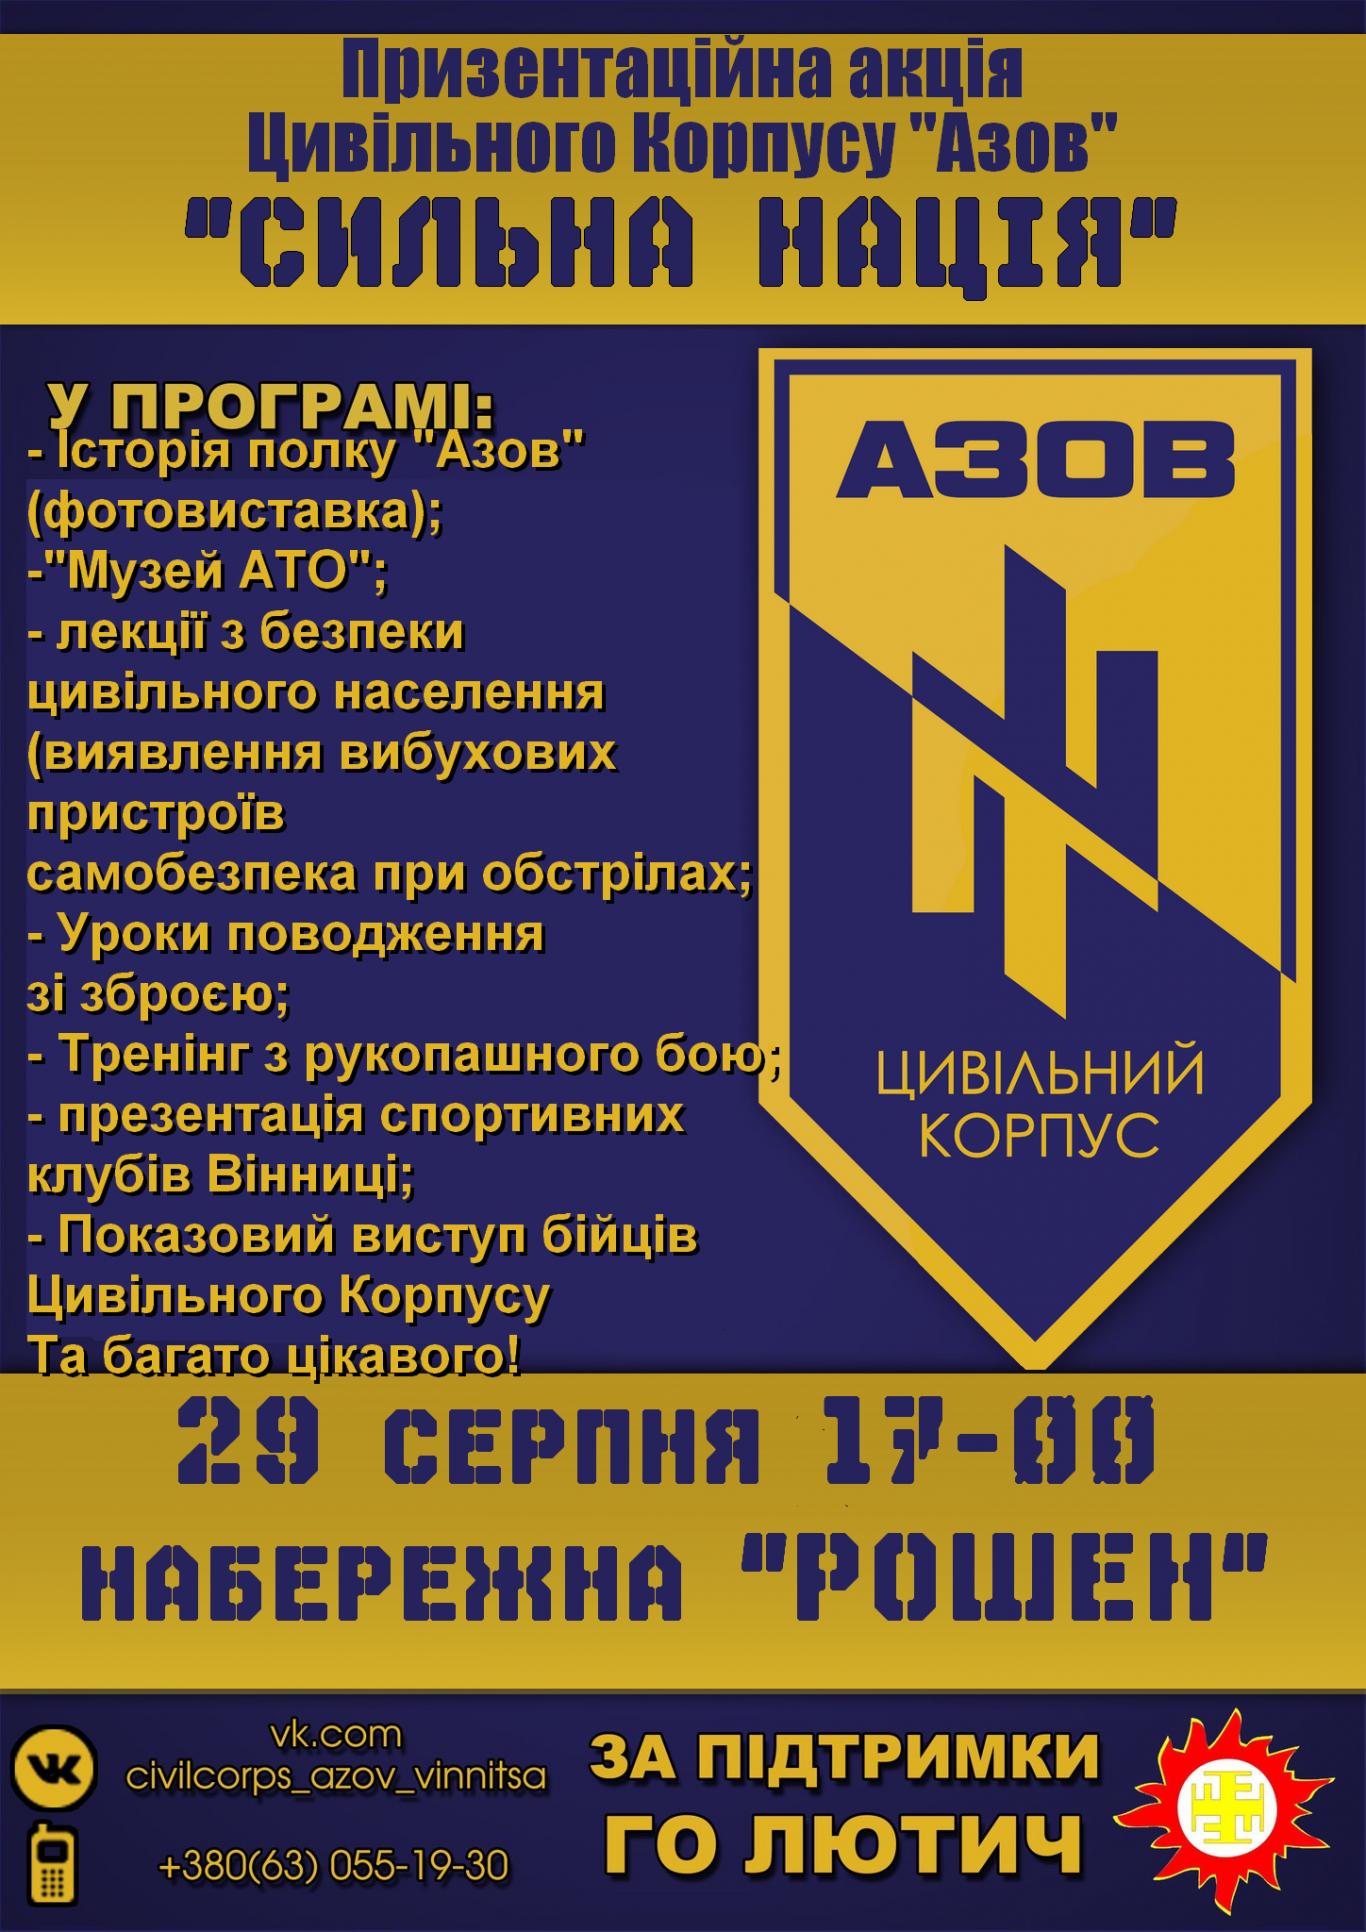 Презентаційна акція «Сильна Нація» від Цивільного корпусу Азов